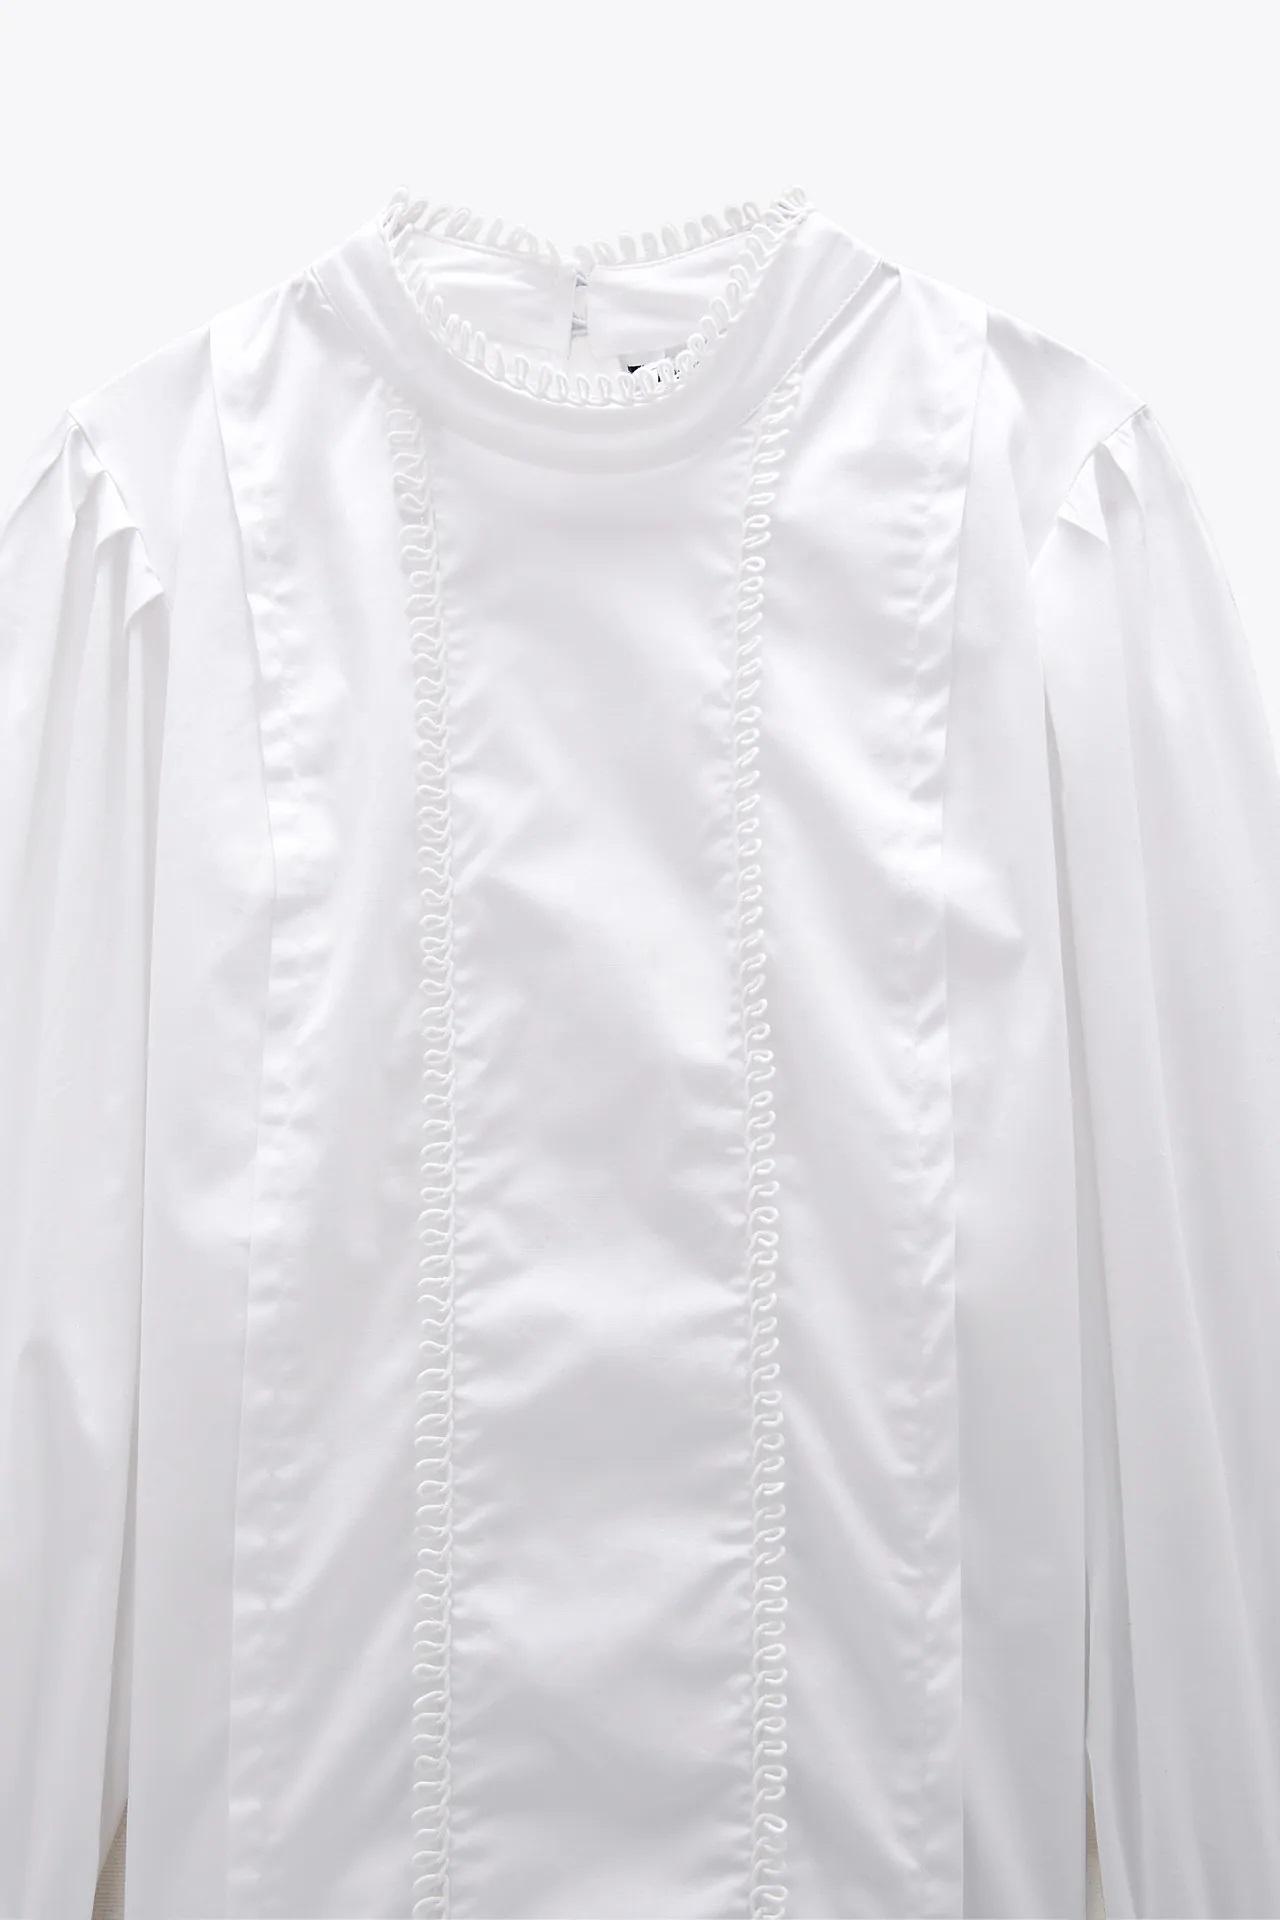 Laura Matamoros sorprende con esta camisa blanca de Zara en un look muy femenino